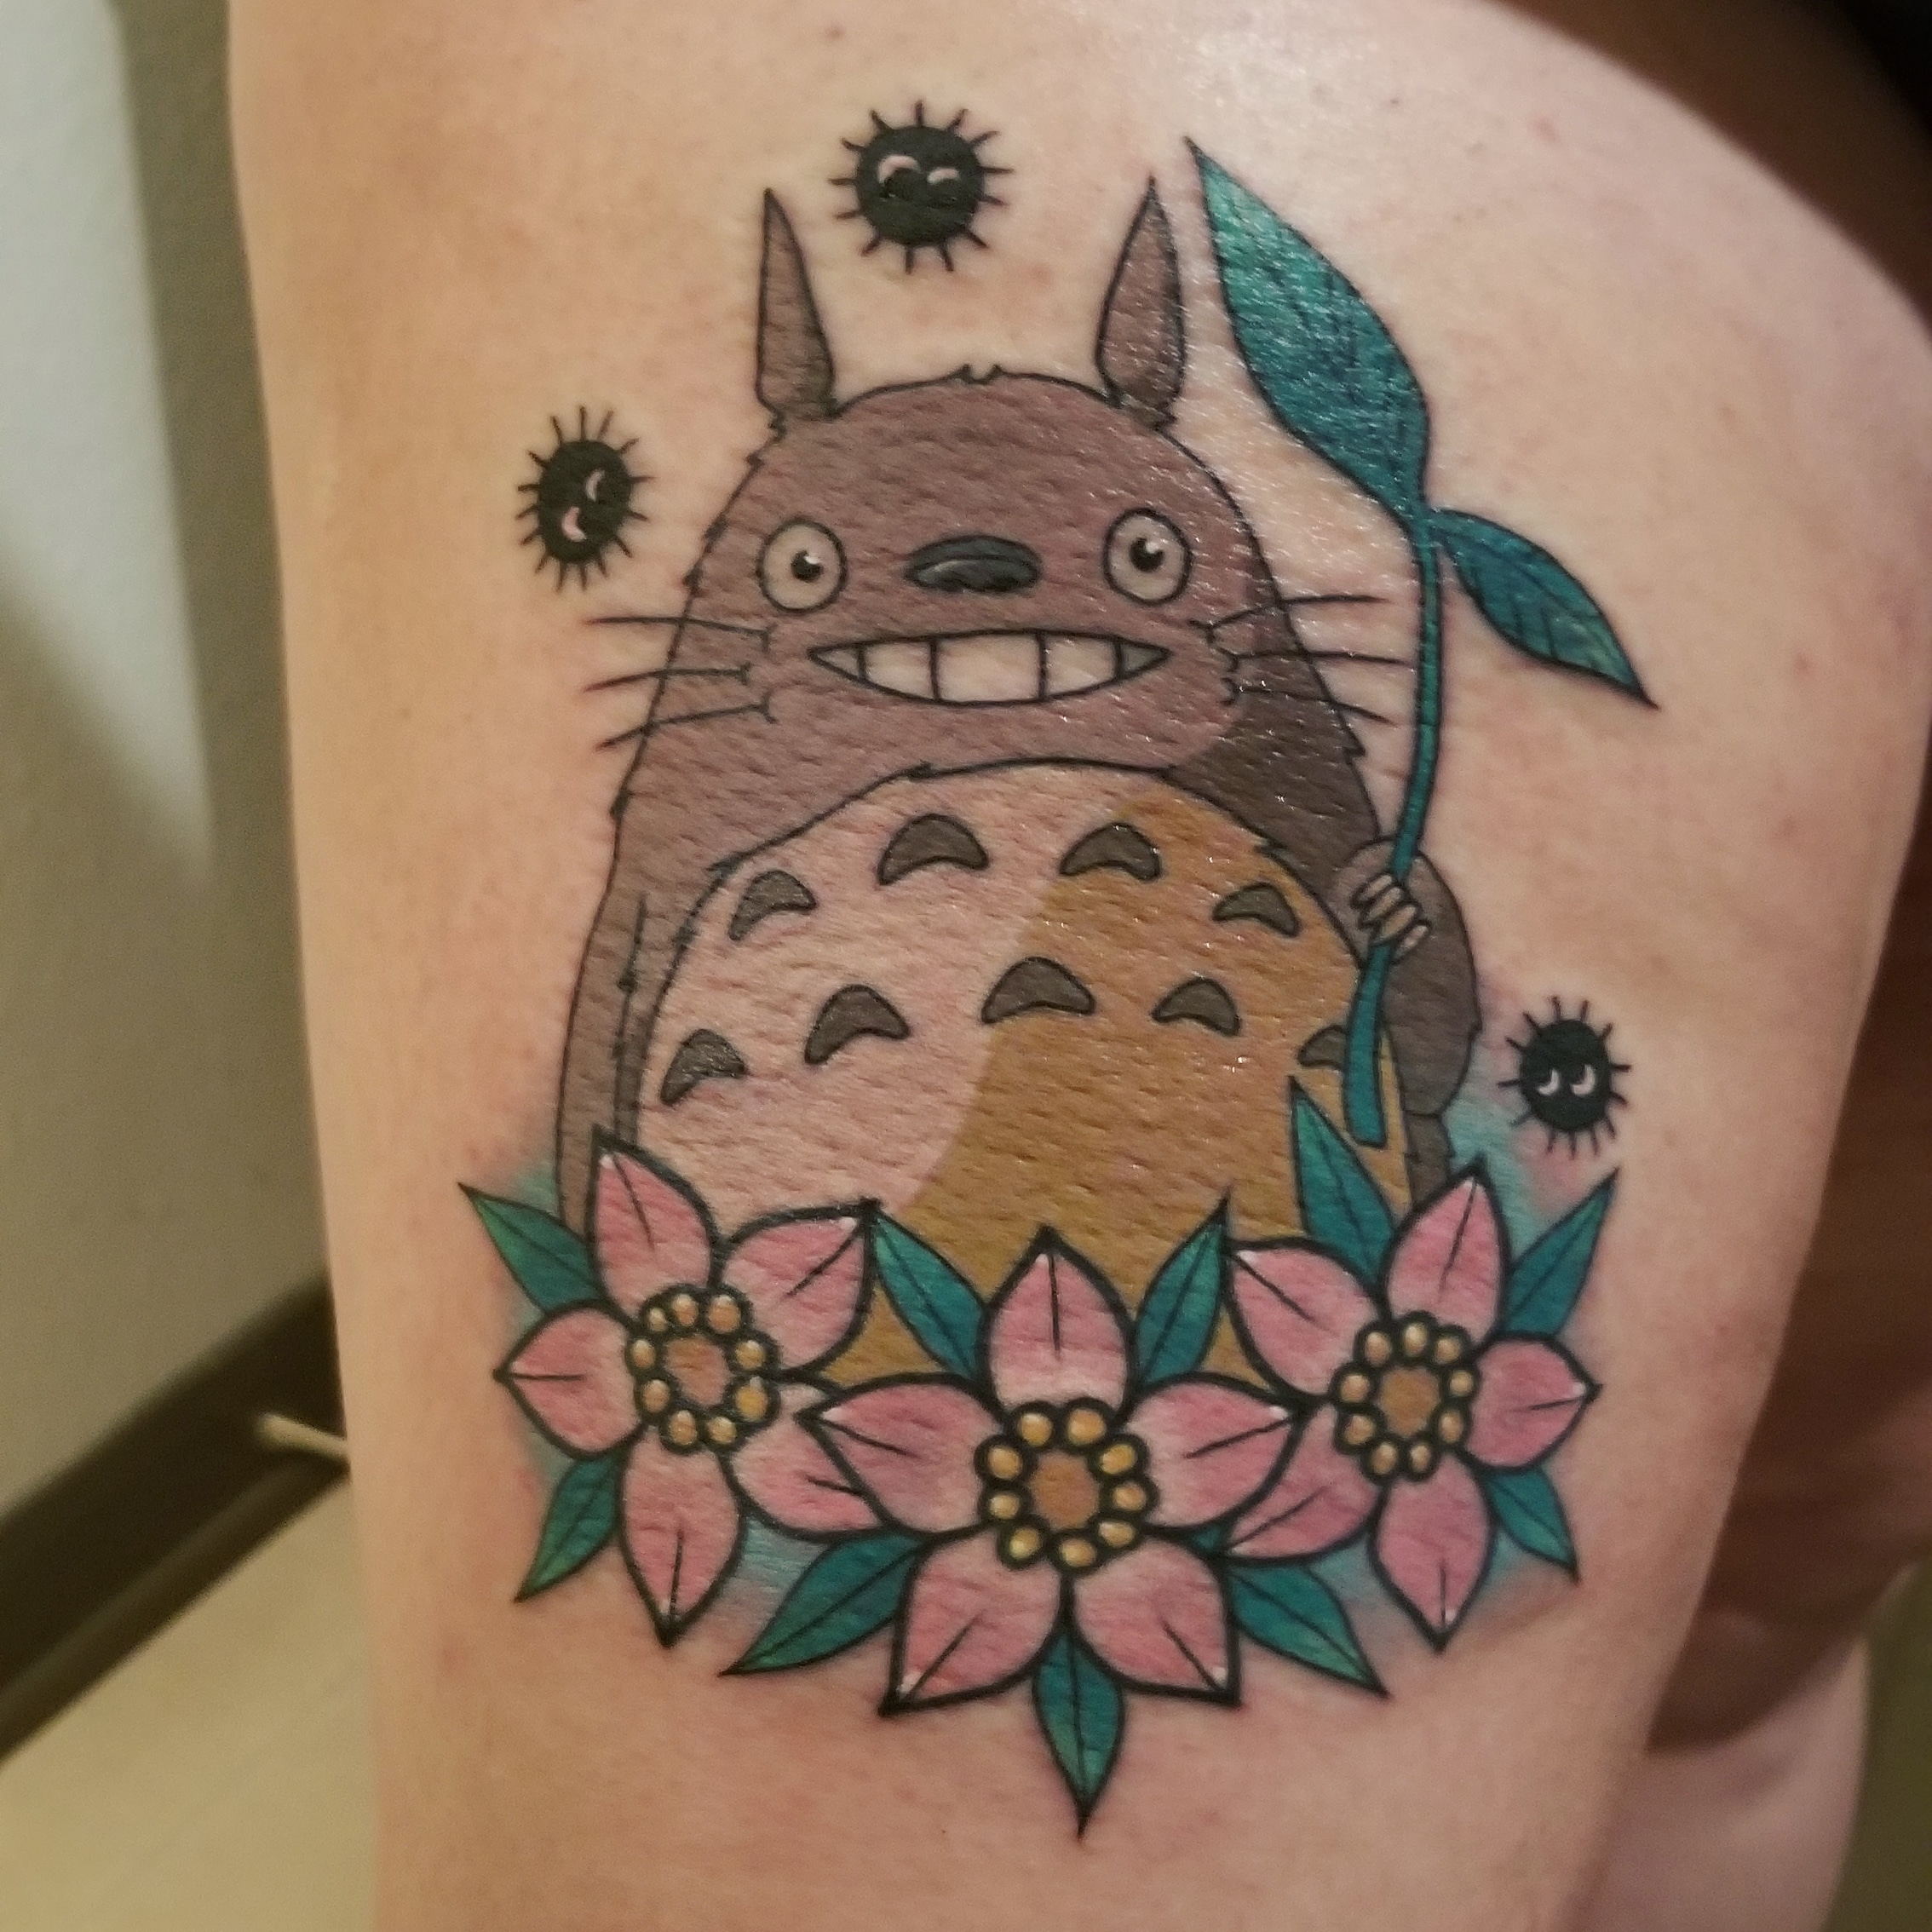 Faire remarquer avec ce tattoo mignon de Totoro